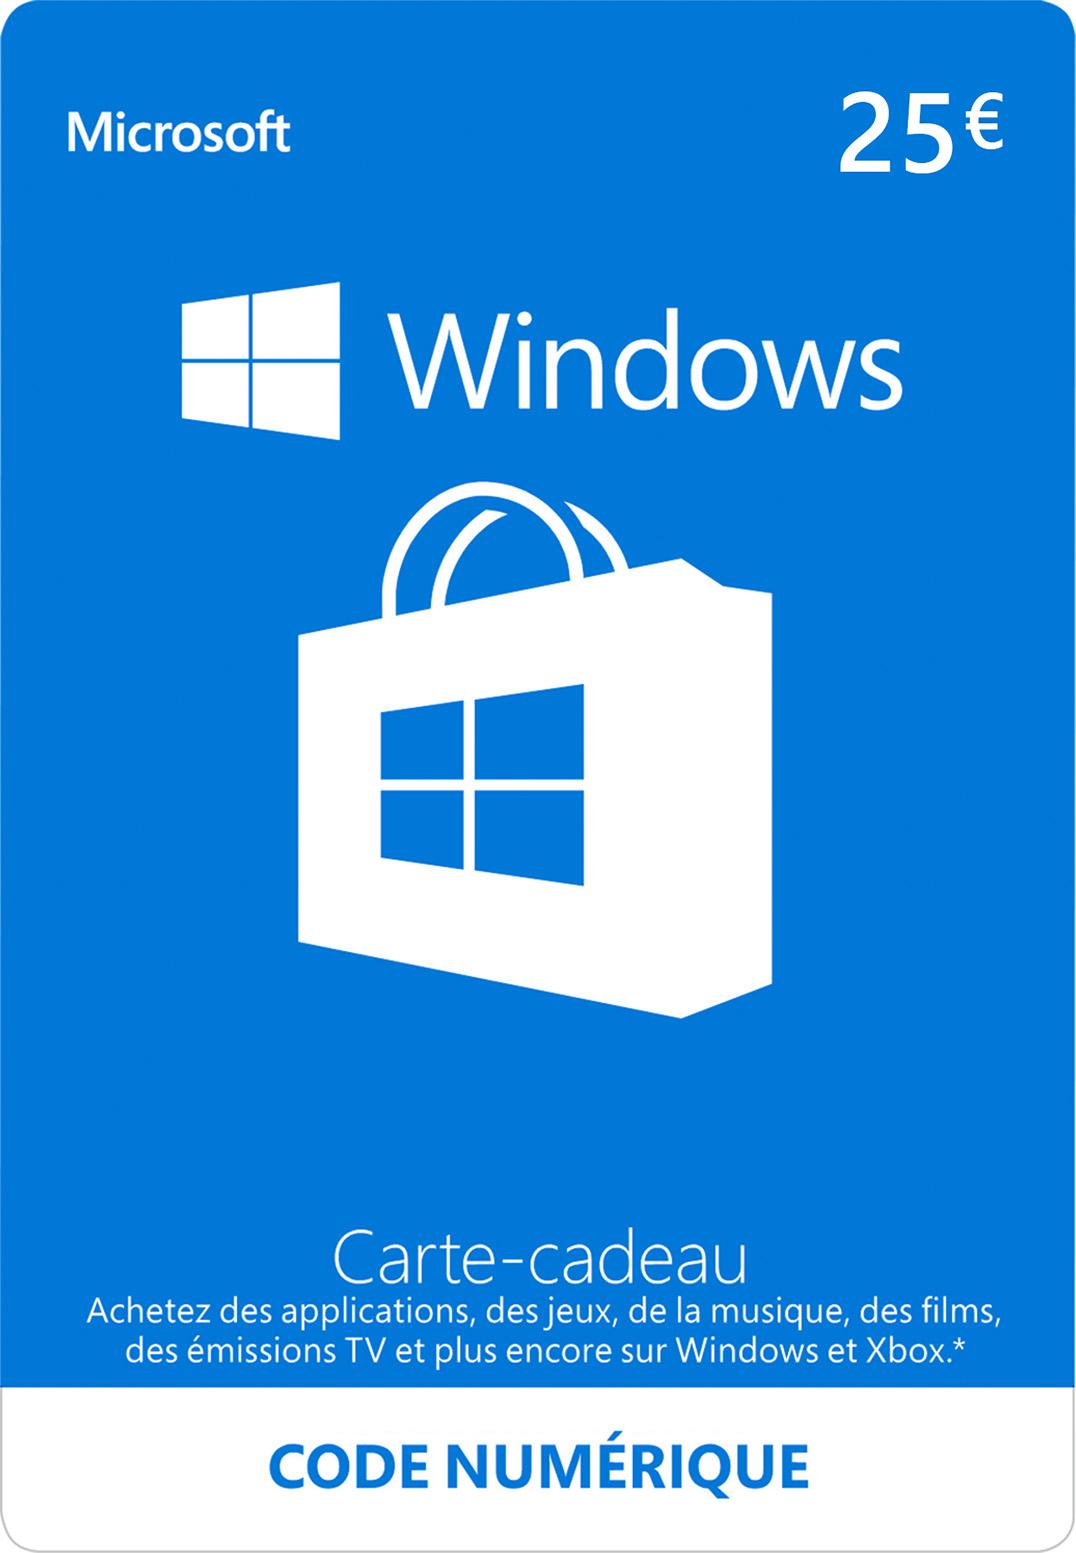 Carte cadeau numérique Windows Store: 25,00 €